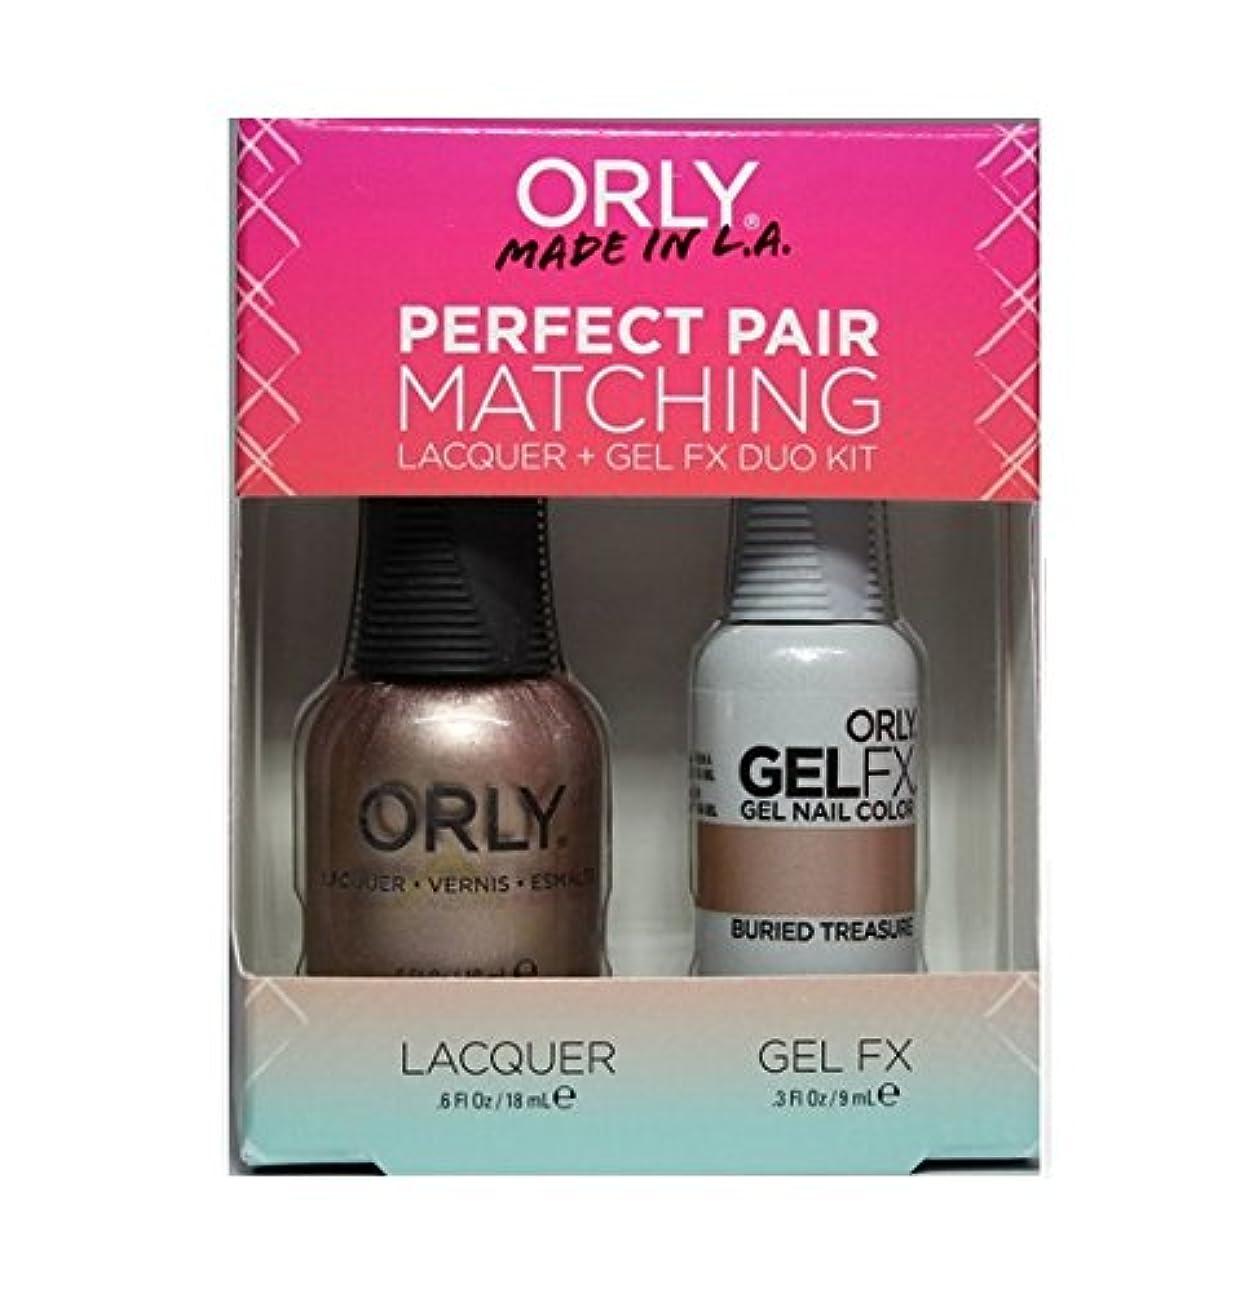 分析する可塑性満員Orly - Perfect Pair Matching Lacquer+Gel FX Kit - Buried Treasure - 0.6 oz / 0.3 oz